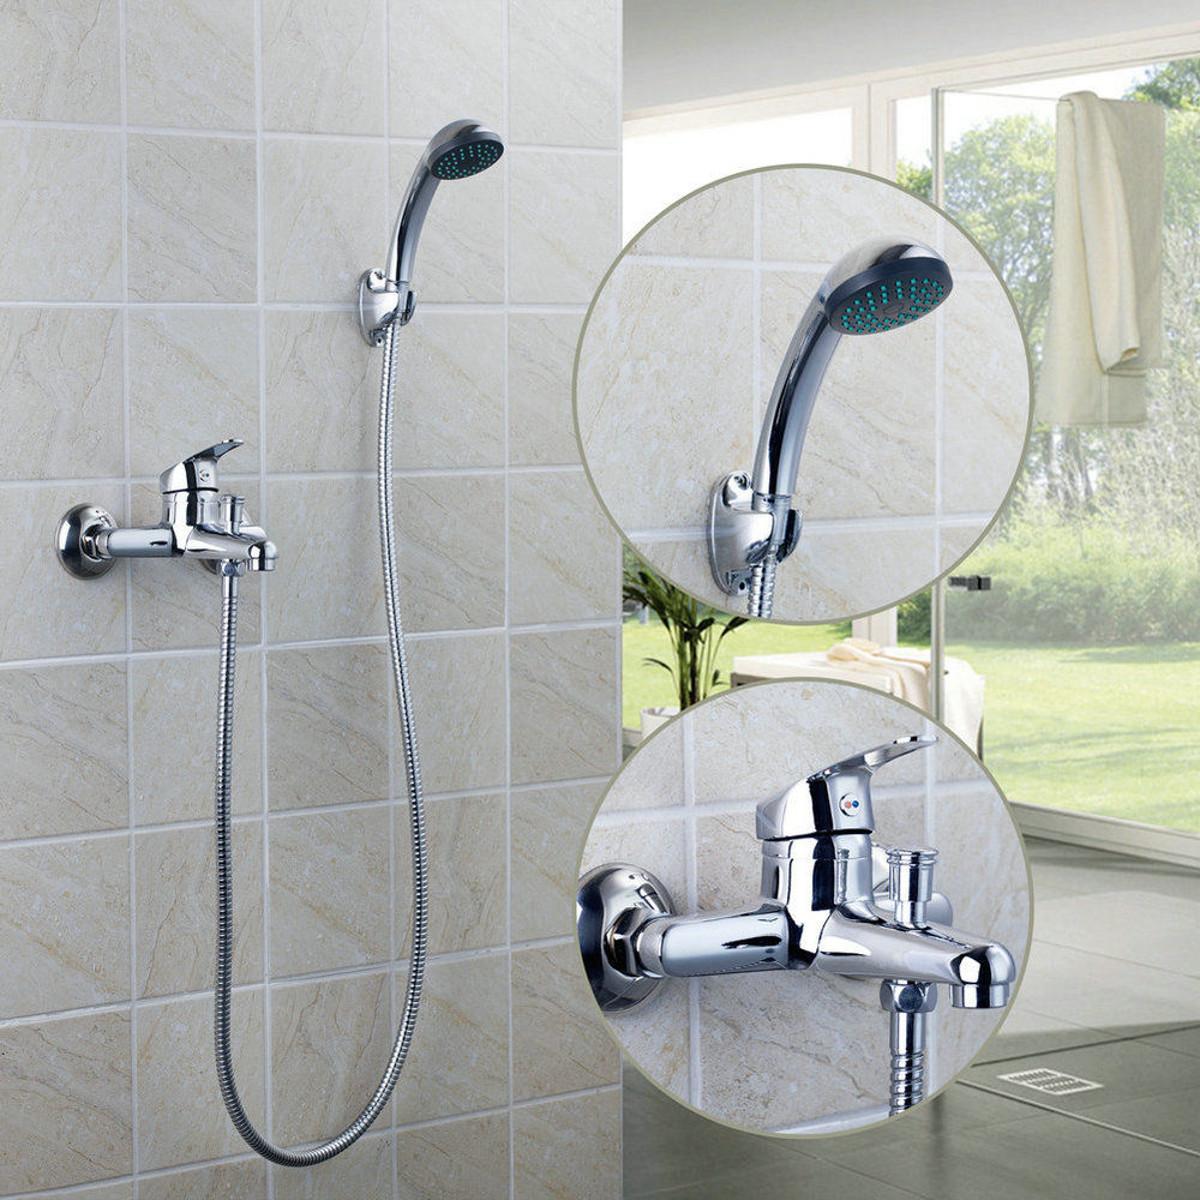 Хром настенный Ванная комната Смеситель для душа и ванны с ручным распылителем